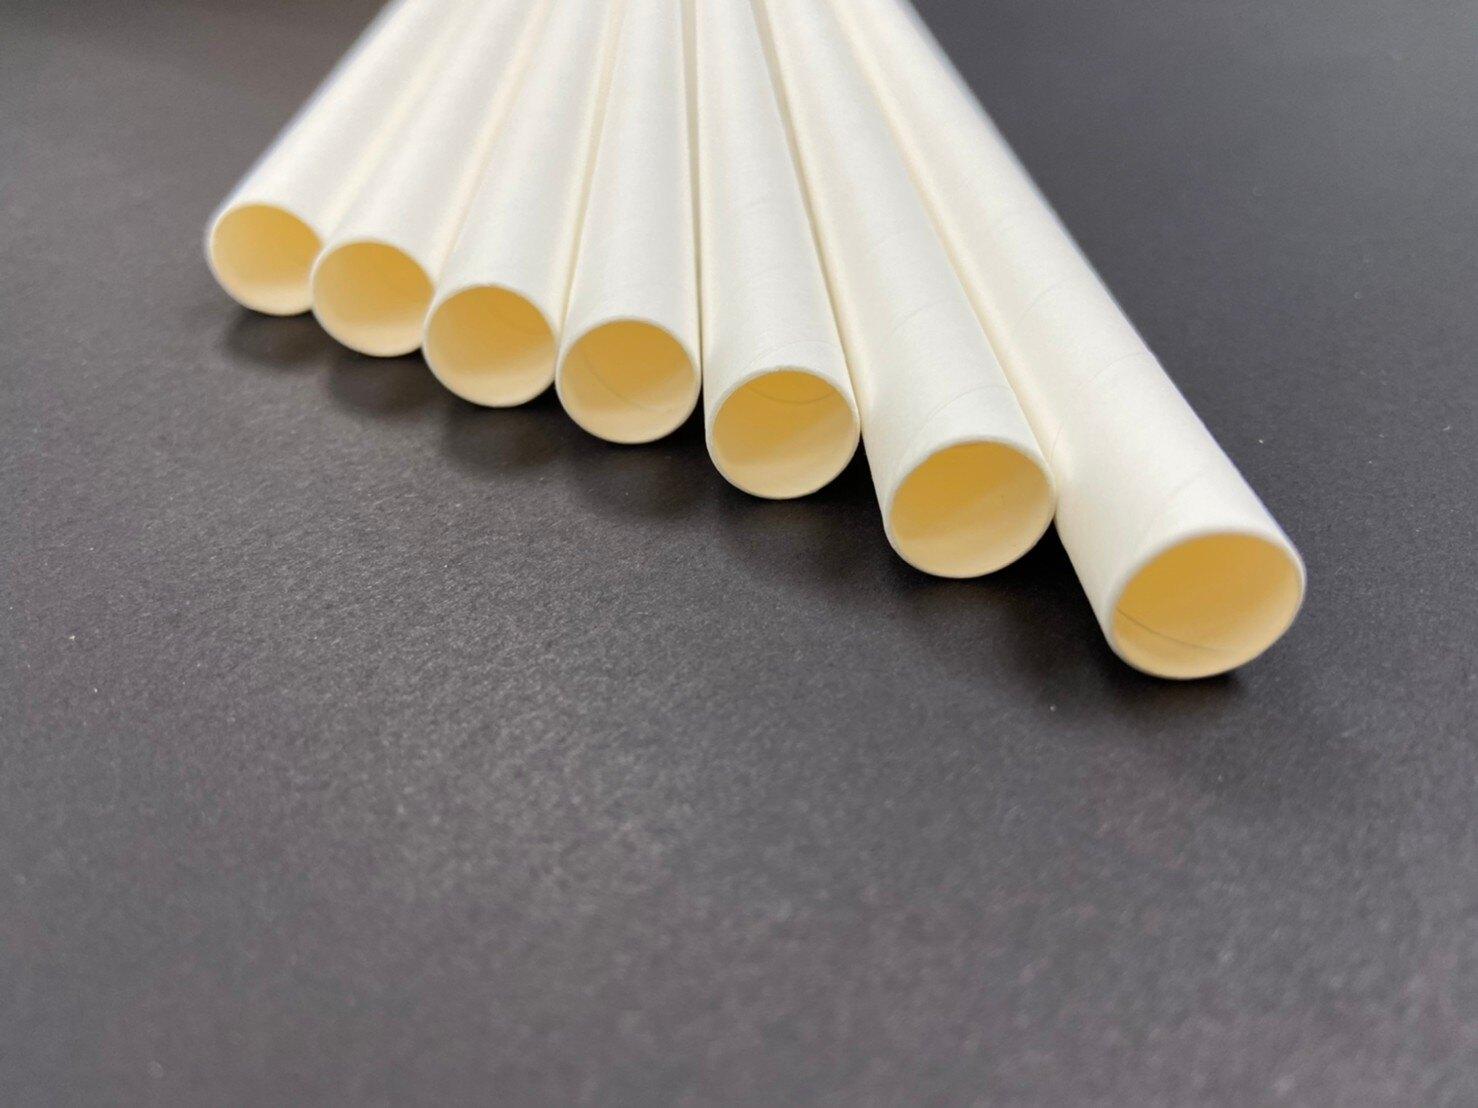 ☞克林CLEAN☜☞現貨☜ 環保白色紙吸管6mm/8mm/12mm平/斜口小包裝 環保 吸管紙 免洗餐具